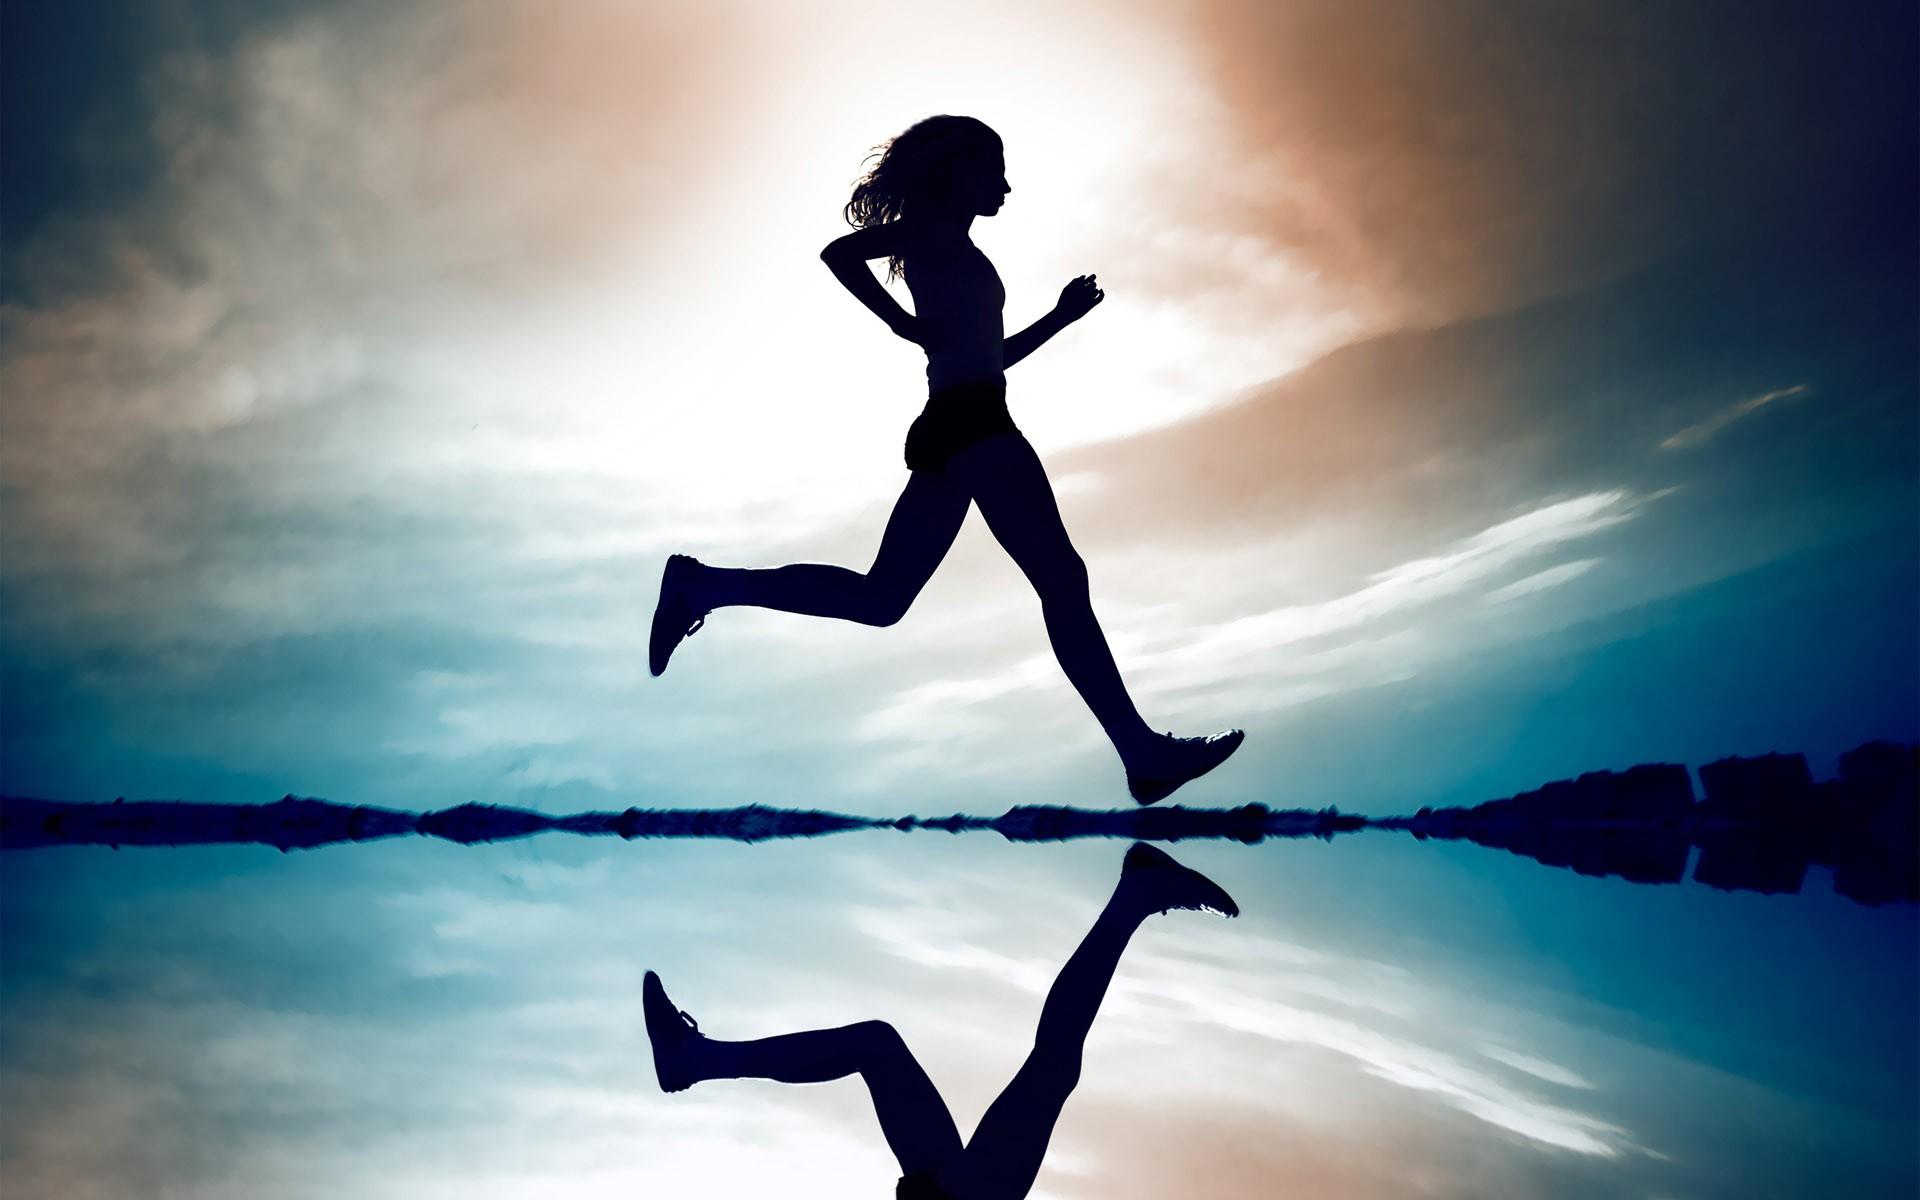 maigrir-vite-sans-régime-sans-sport-niaque-gain-vitesse-reussir-success